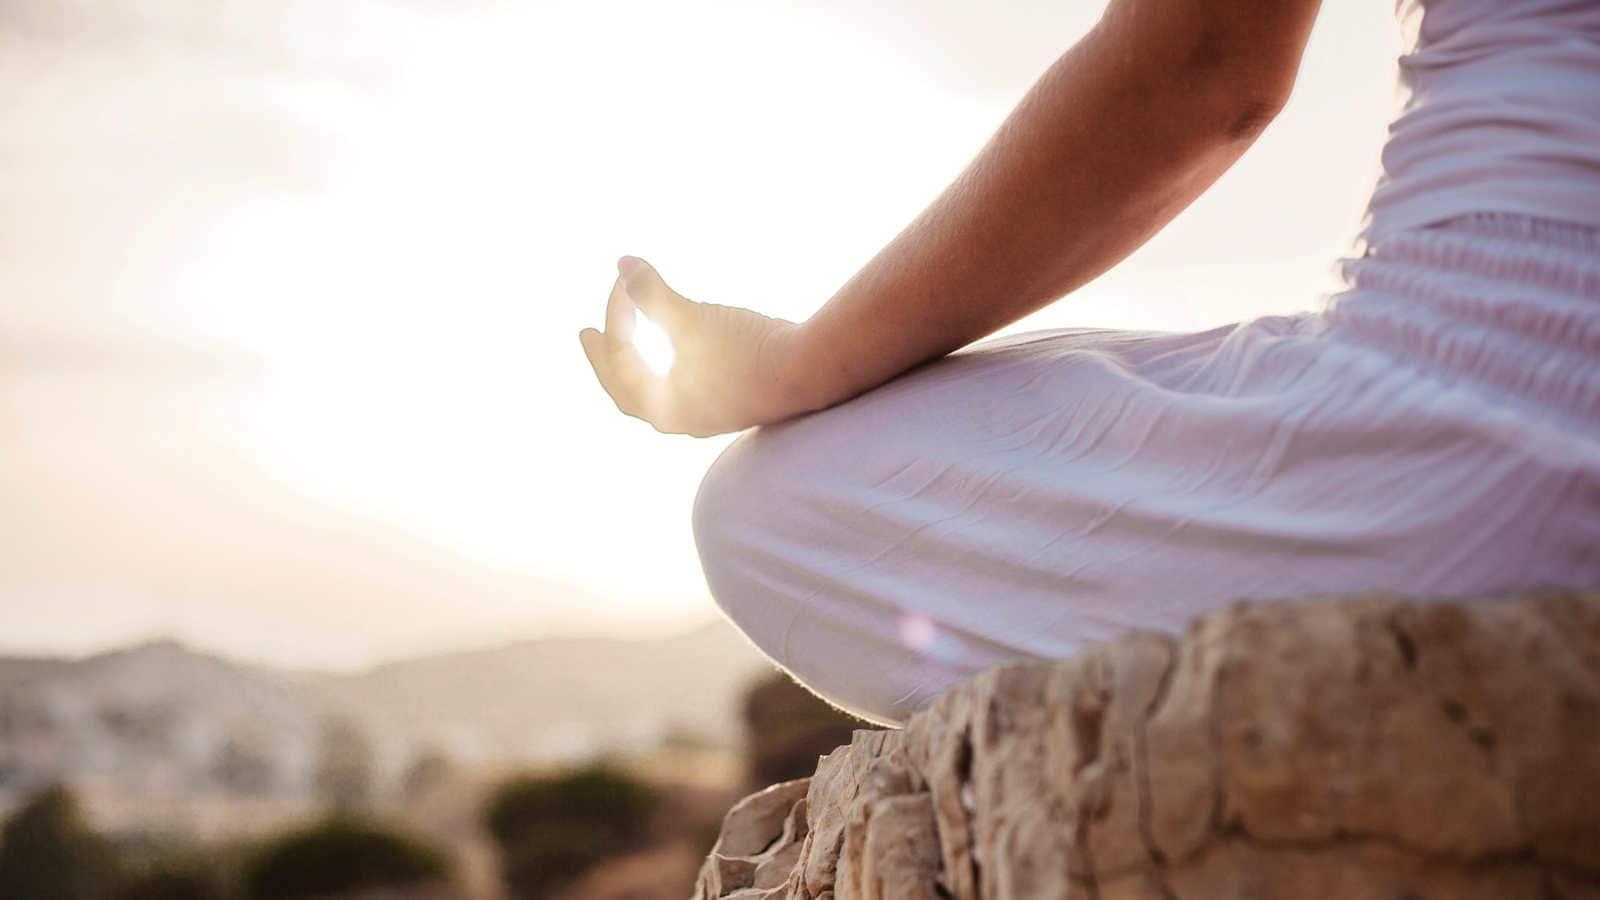 Sol Yoga Studio of O'Connor